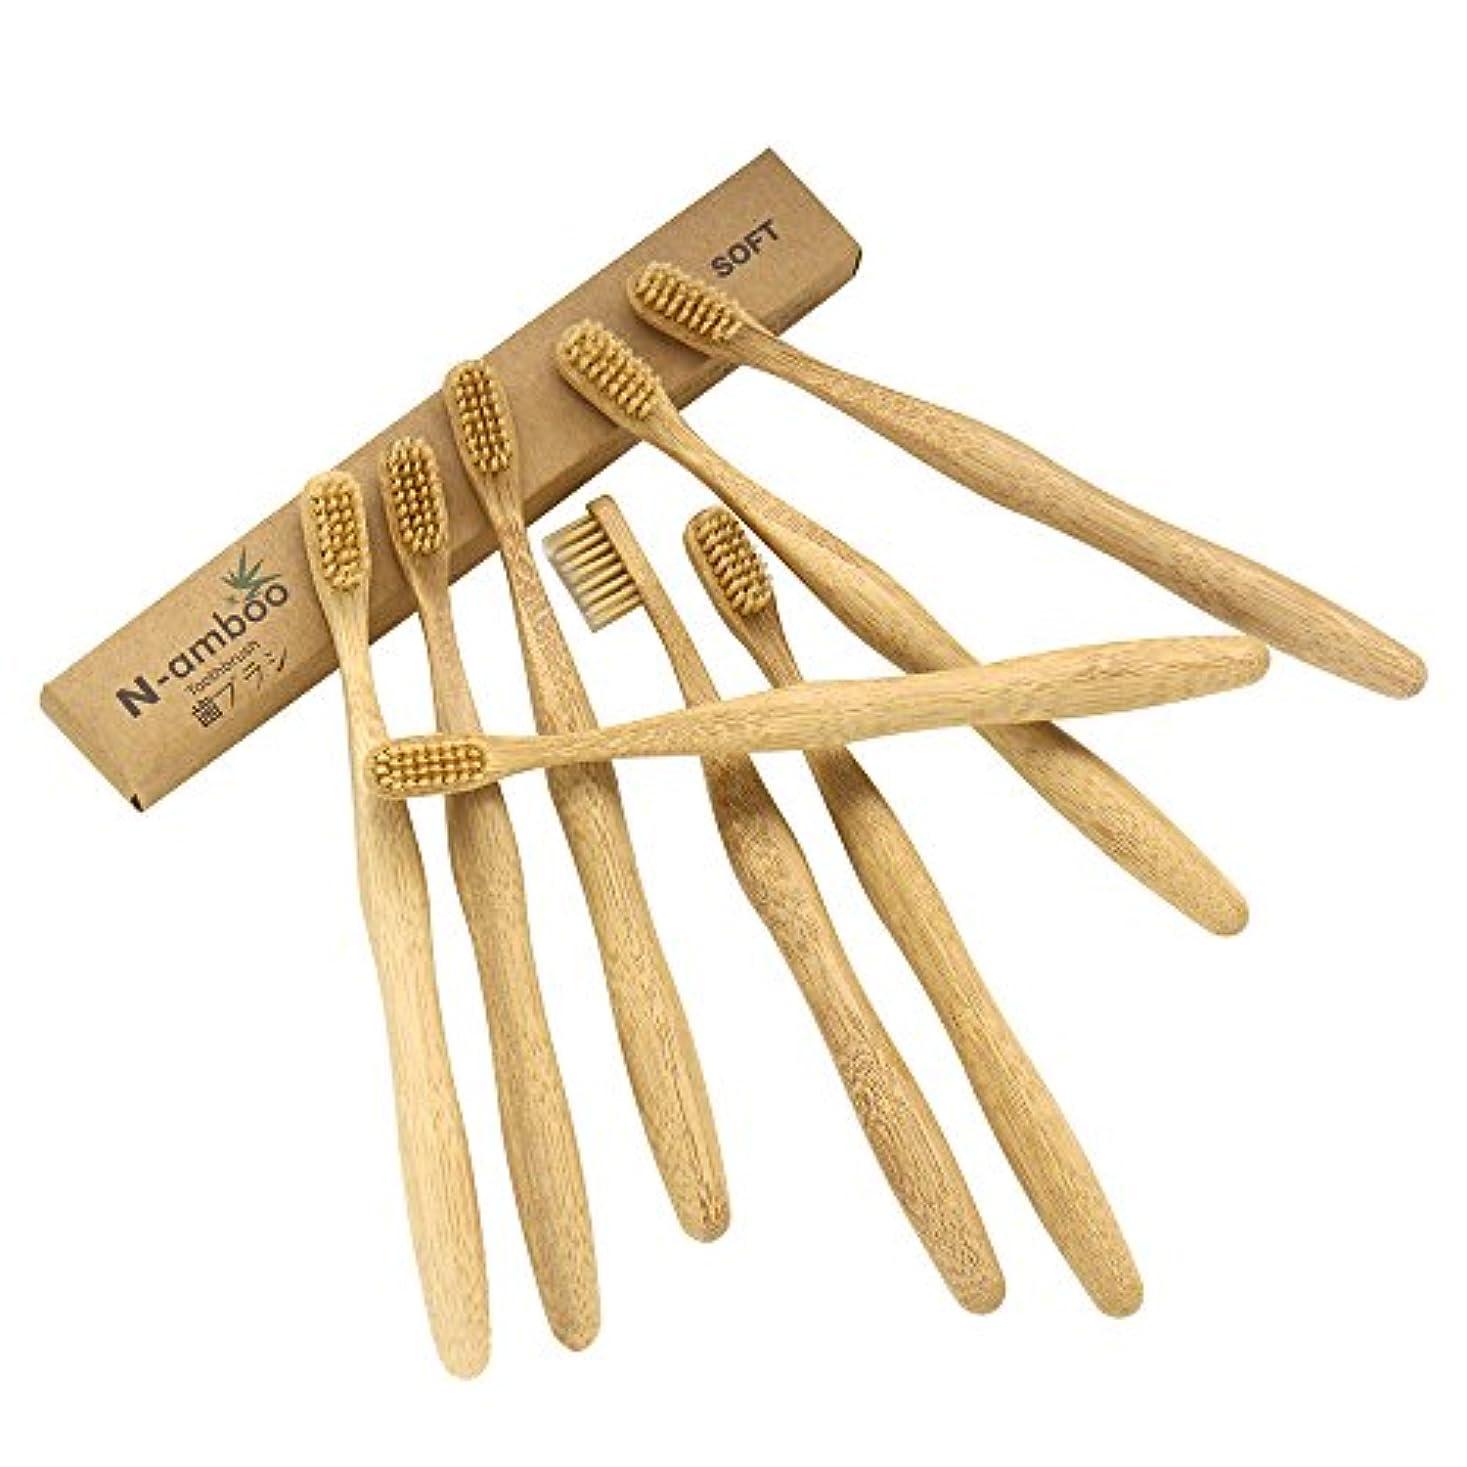 アライアンスファンタジー絶え間ないN-amboo 竹製耐久度高い 歯ブラシ ベージュ 8本入り セット